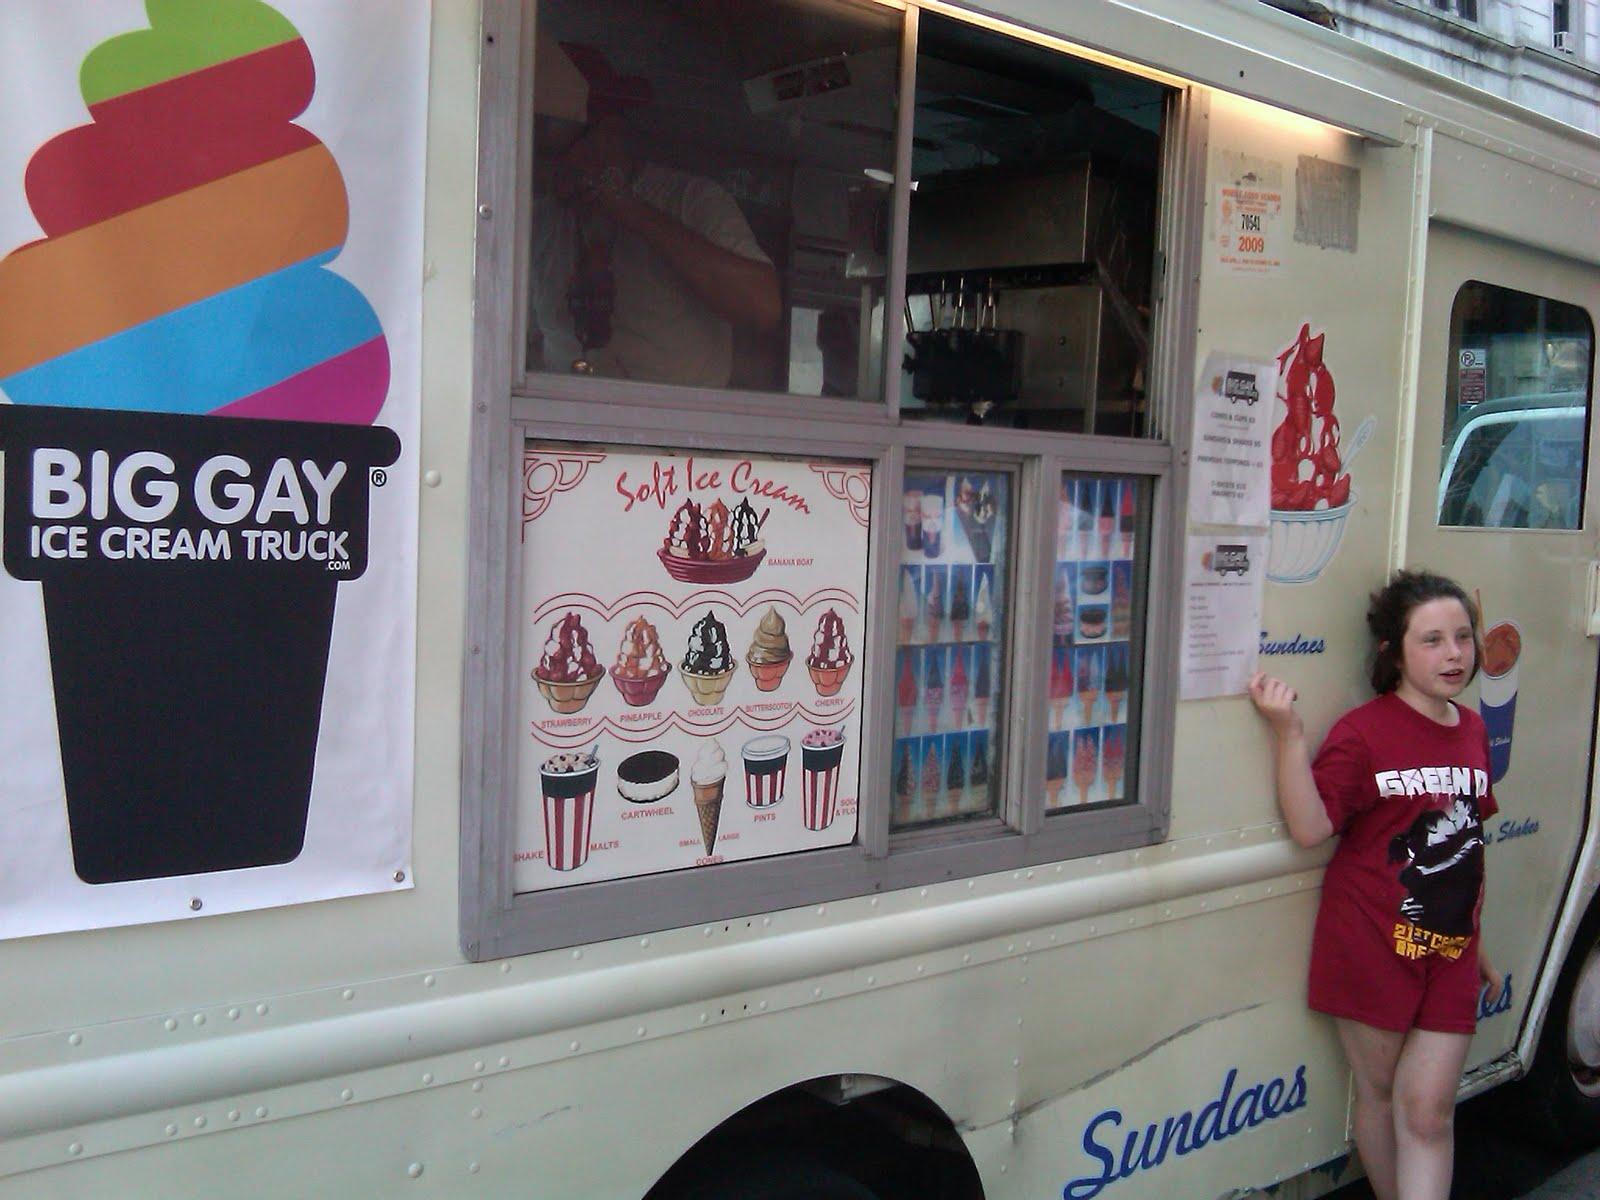 http://3.bp.blogspot.com/_Q5nt2ve8SWk/TJv0QtTHZFI/AAAAAAAAAoI/x6ADBuxNswI/s1600/Big+Gay+4.jpg